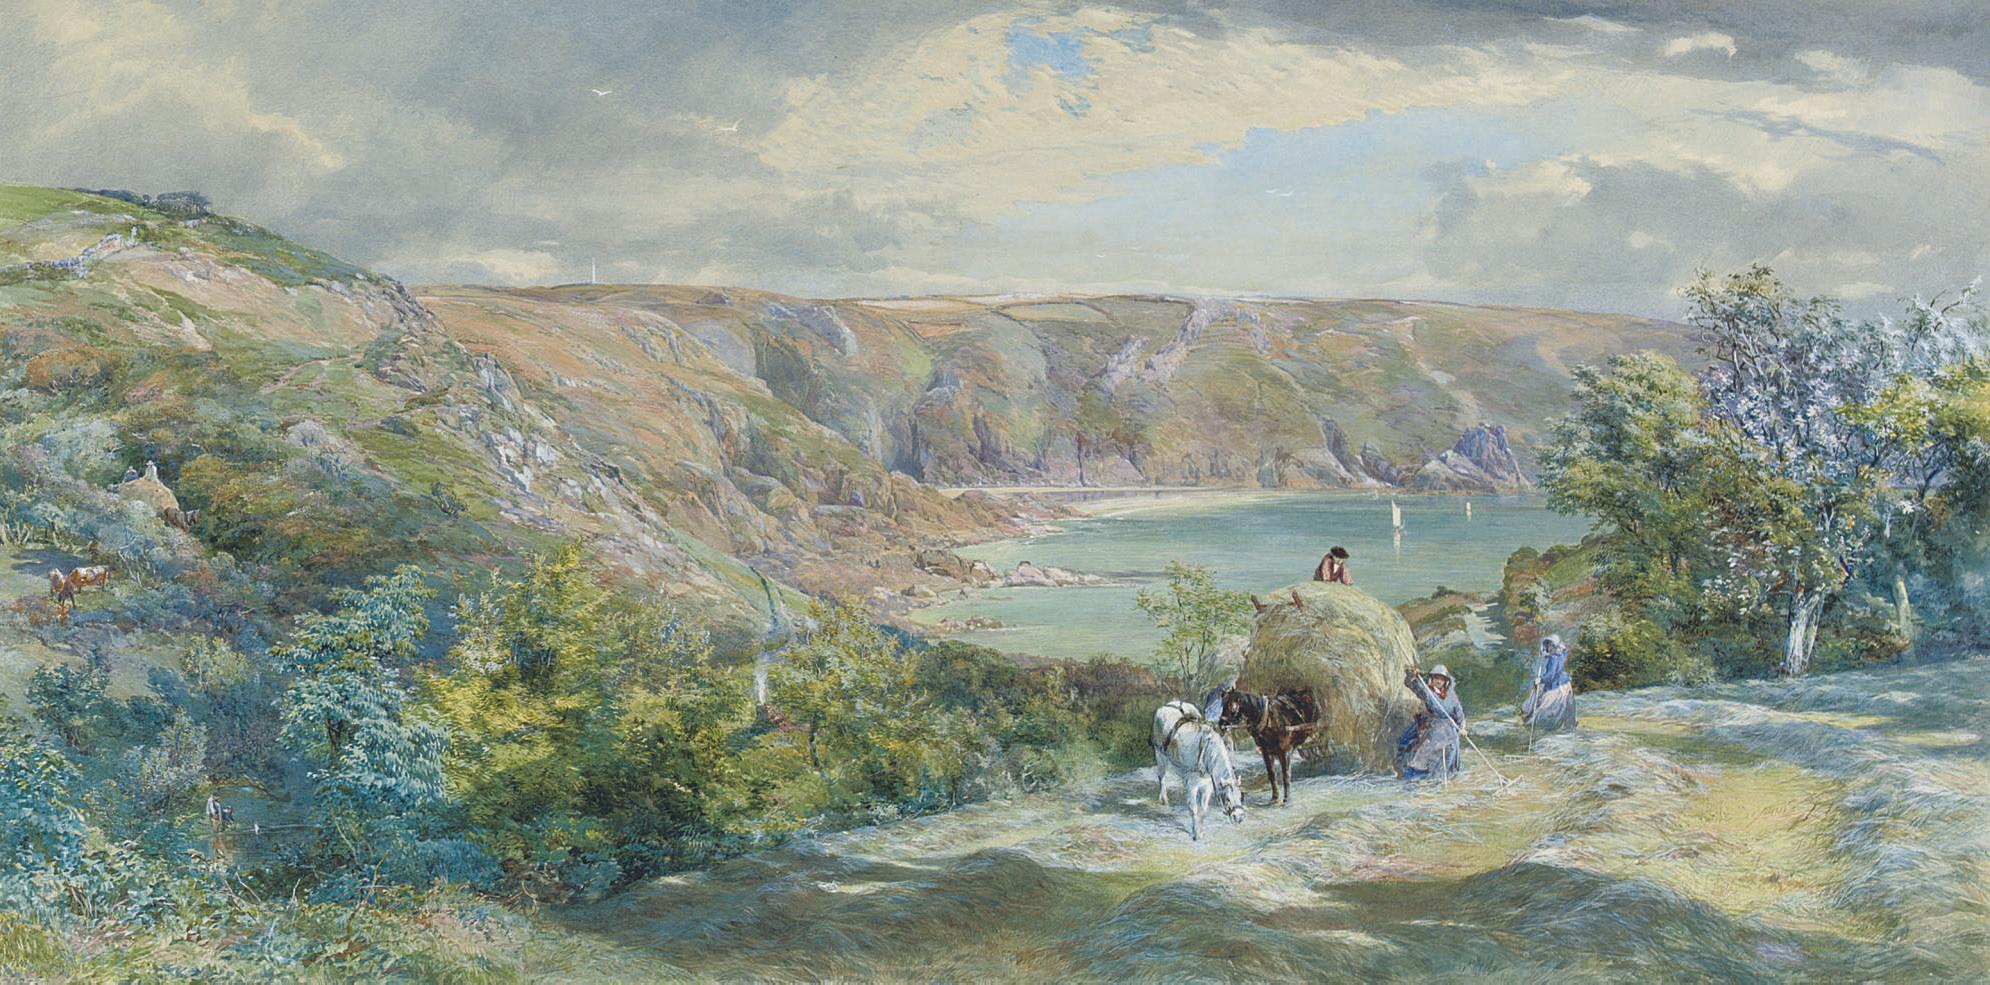 Moulin Huet Bay, Guernsey